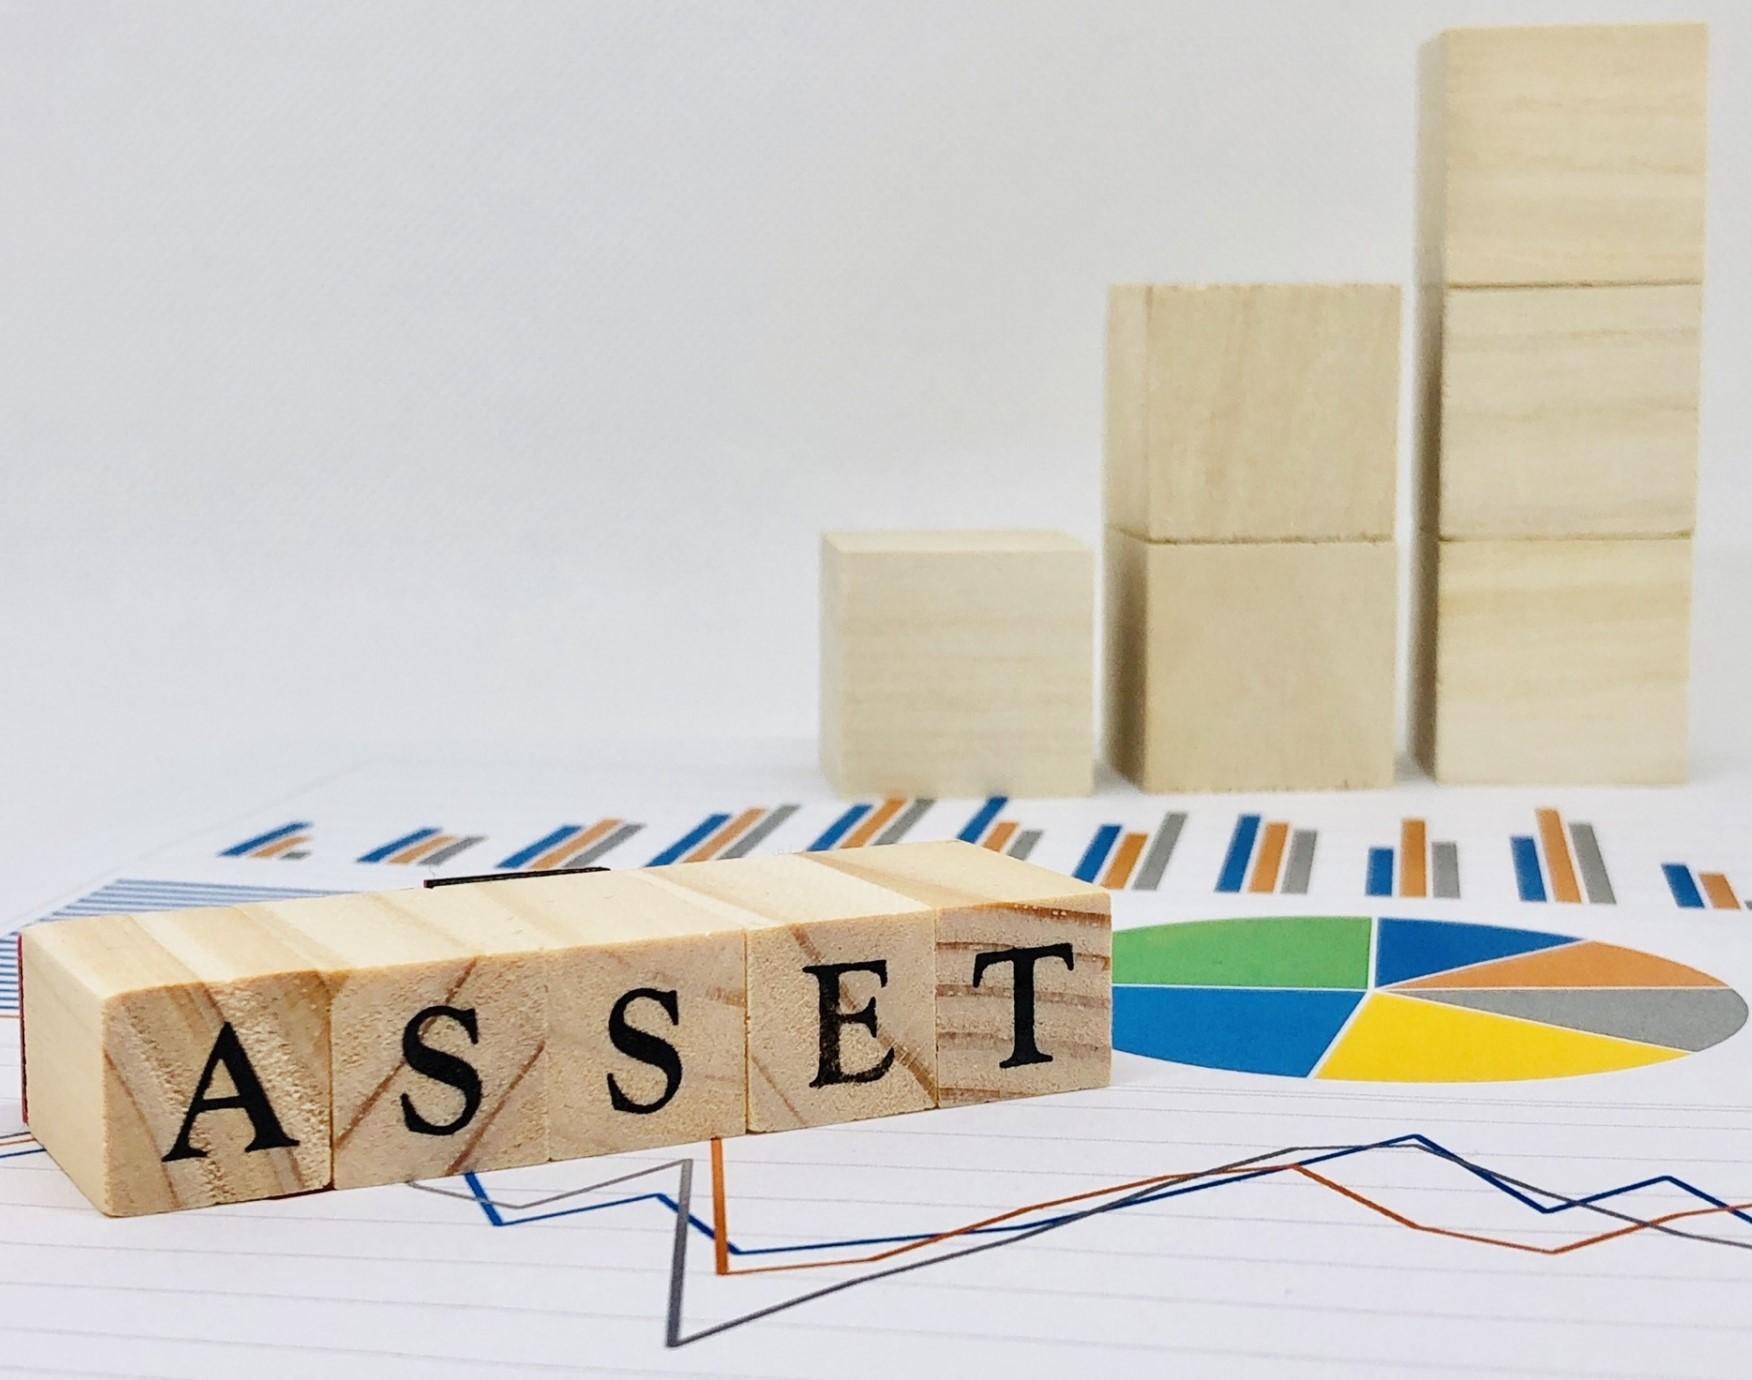 お金の使う目的をちゃんと決めて投資信託行っていますか?